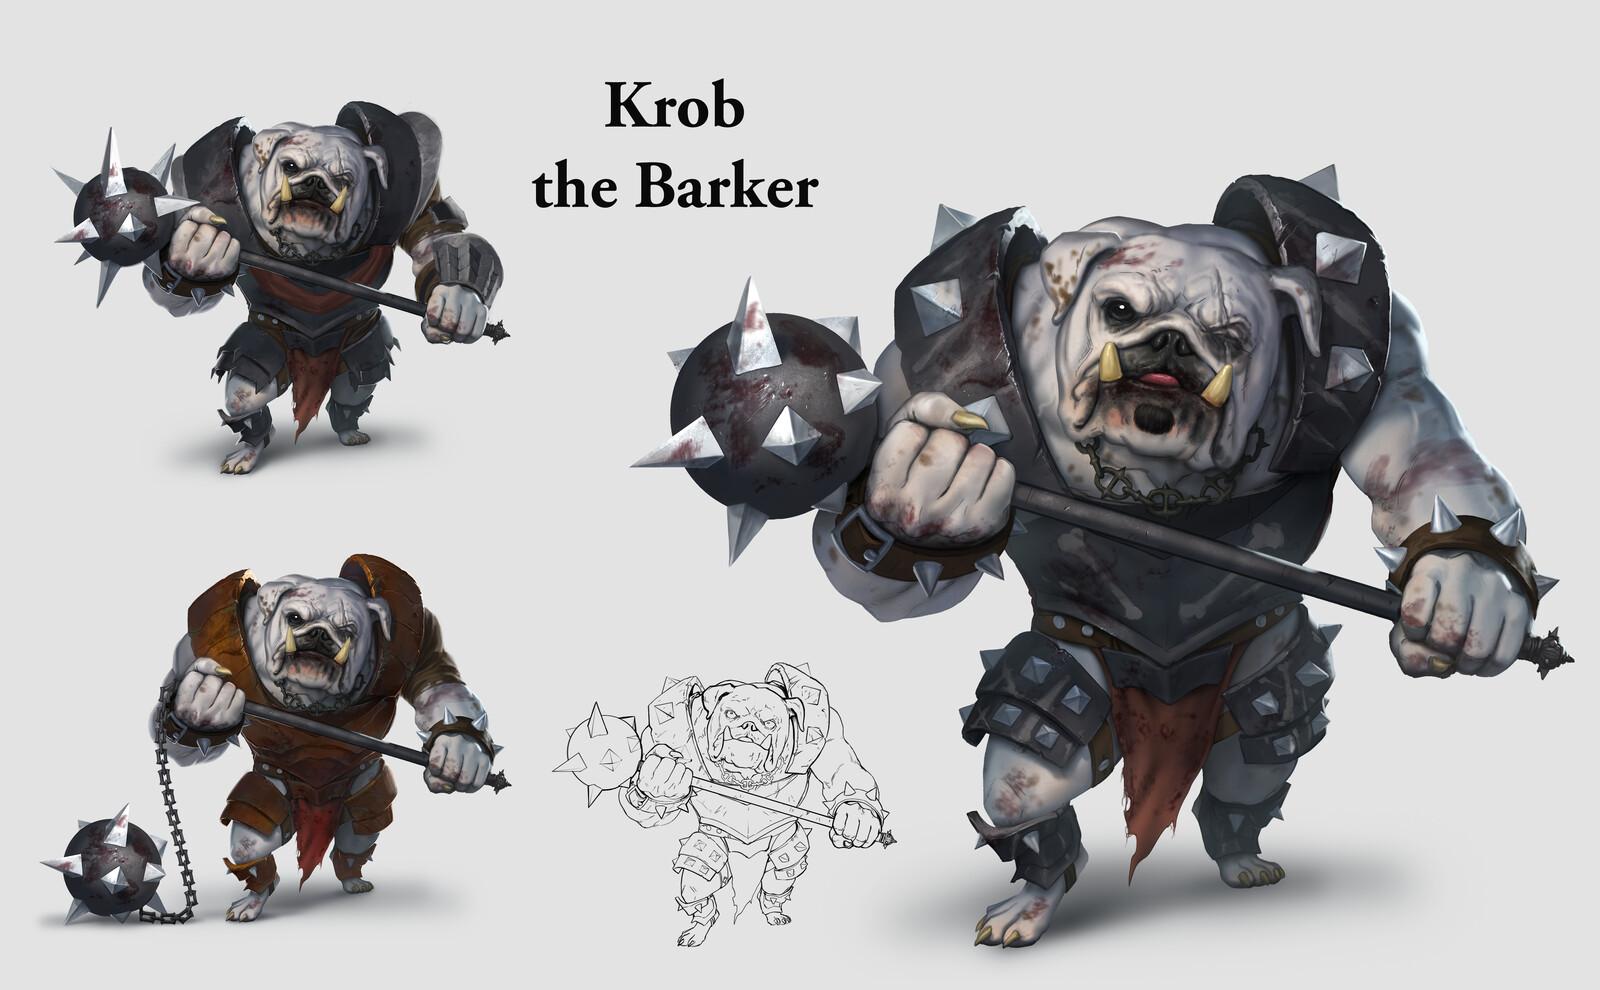 Krob the Barker